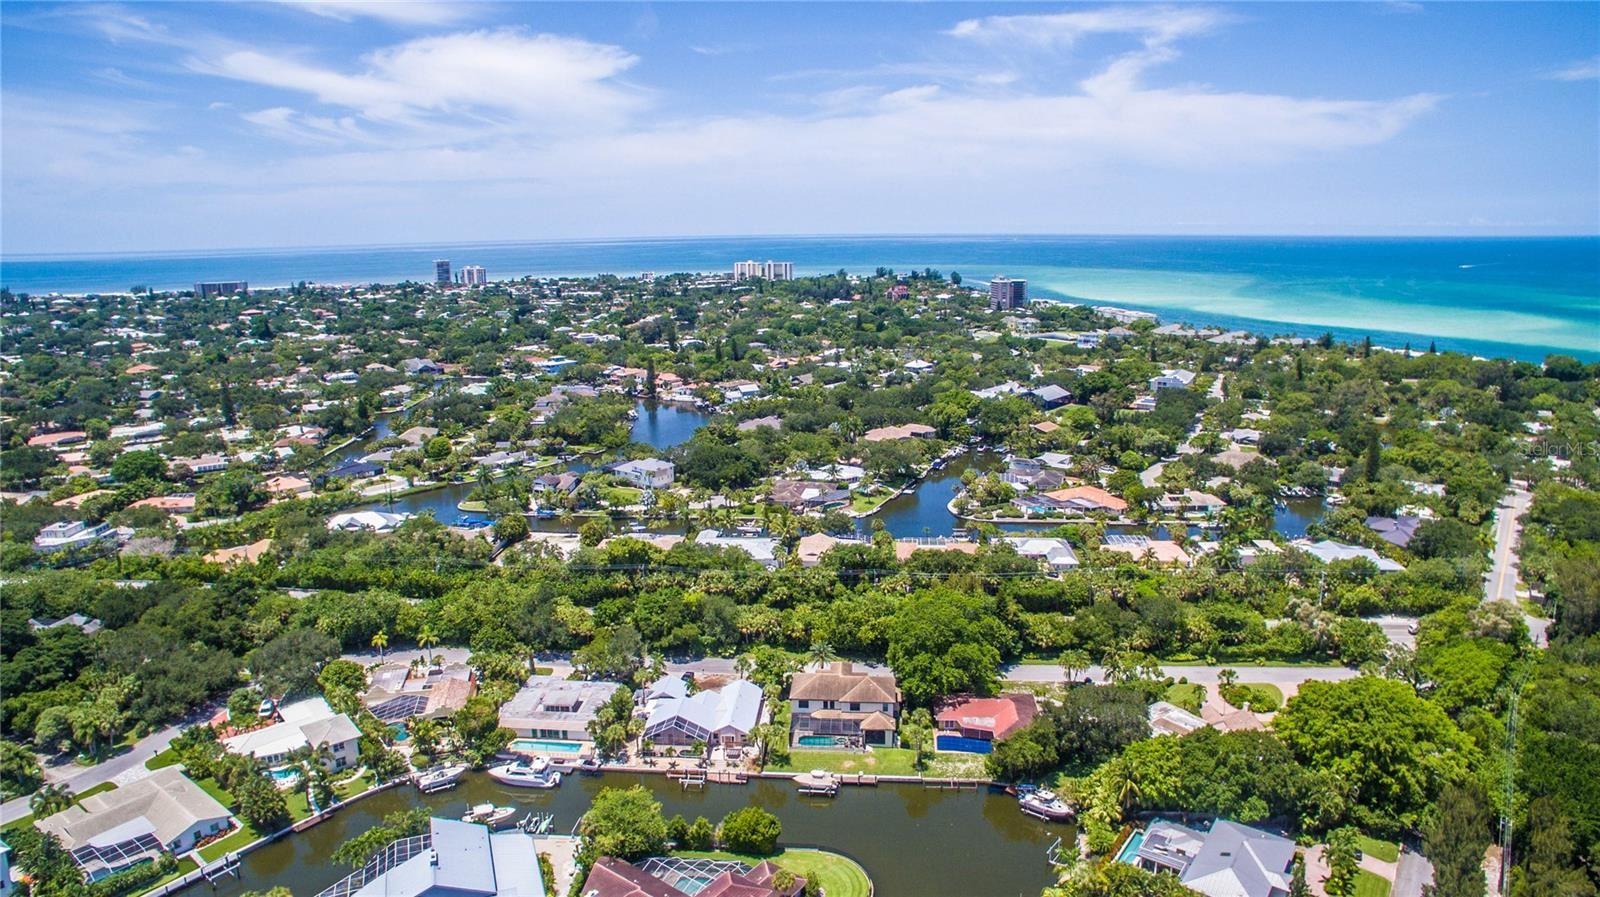 722 SIESTA KEY CIRCLE, Sarasota, FL 34242 - #: A4506448